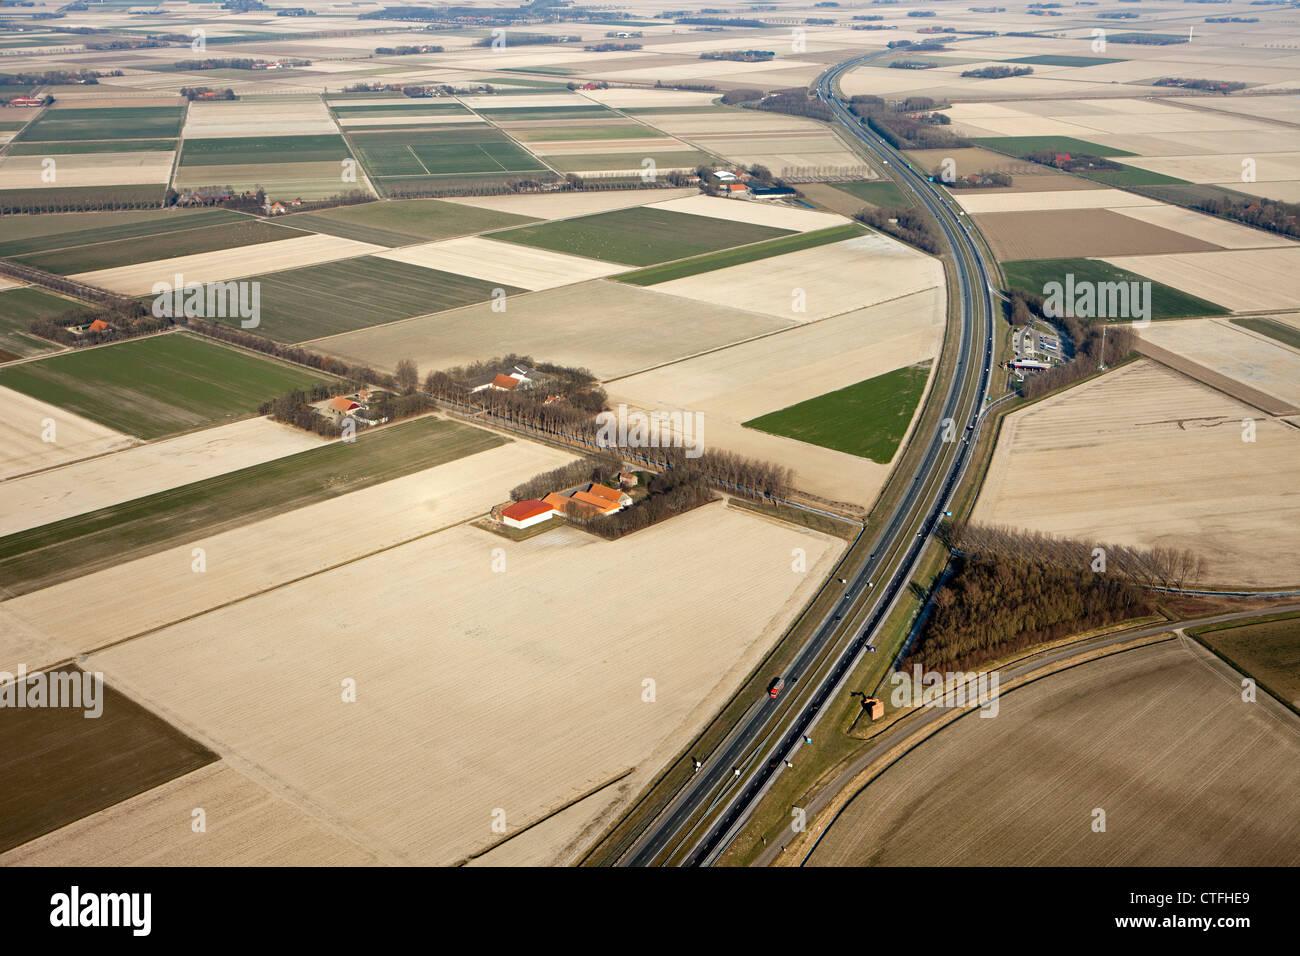 Die Niederlande, Nagele, Farmen und Ackerland in Flevopolder. Auf der Autobahn A6. Antenne. Stockbild